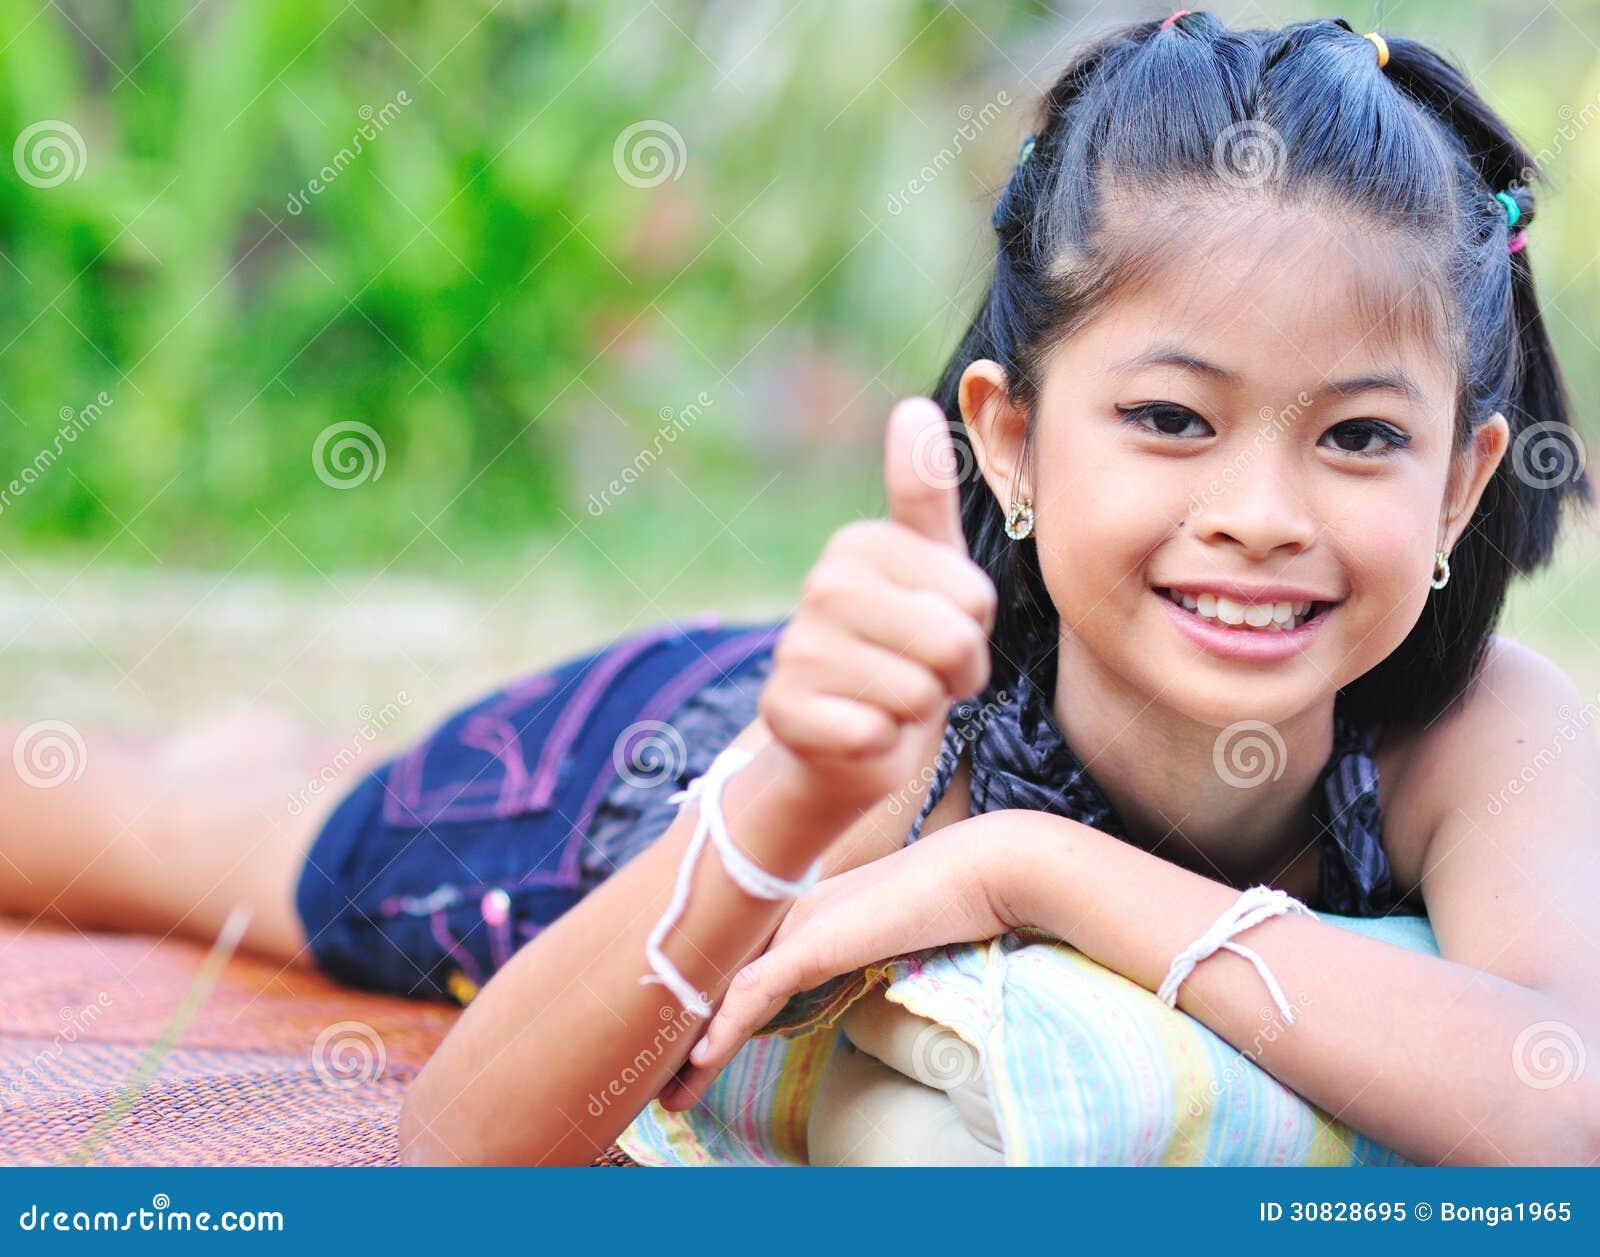 Bambina che mostra okay con la mano.